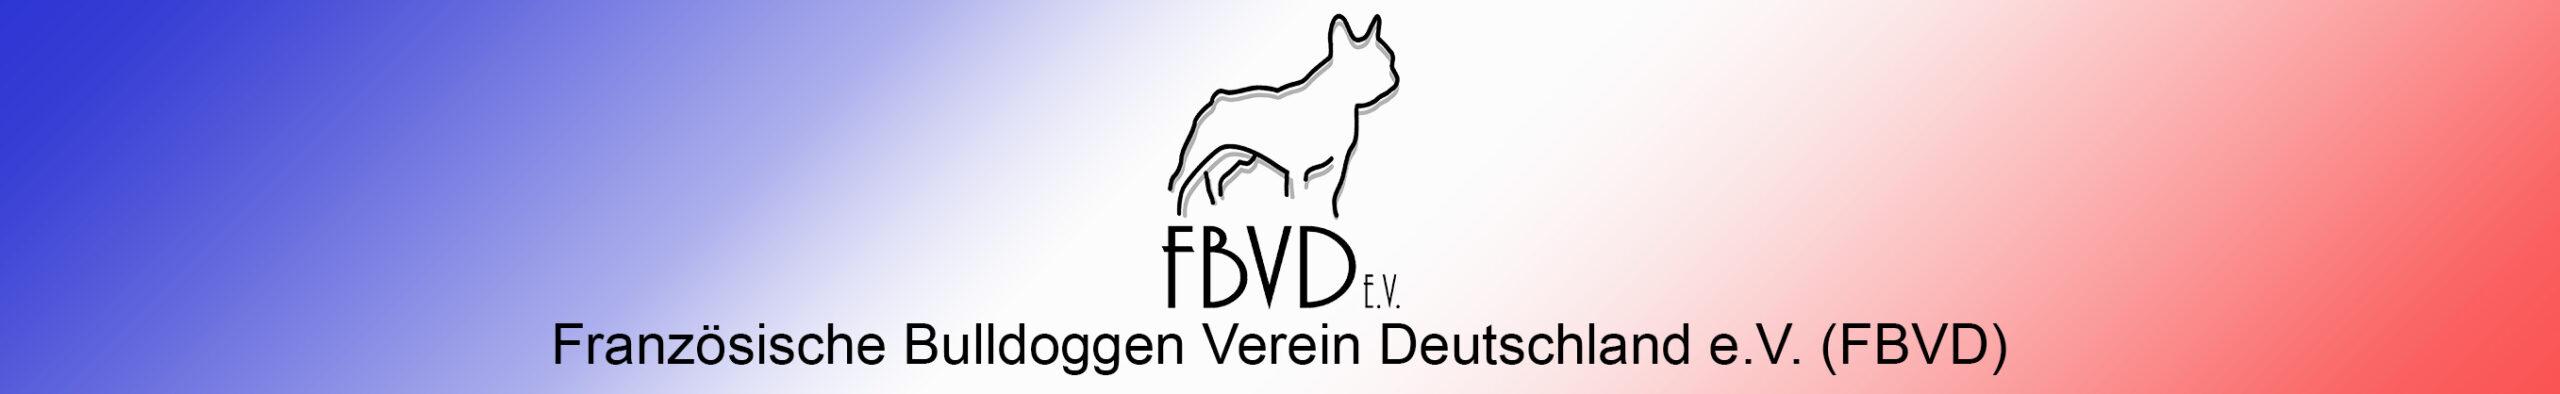 Logo FBVD Header